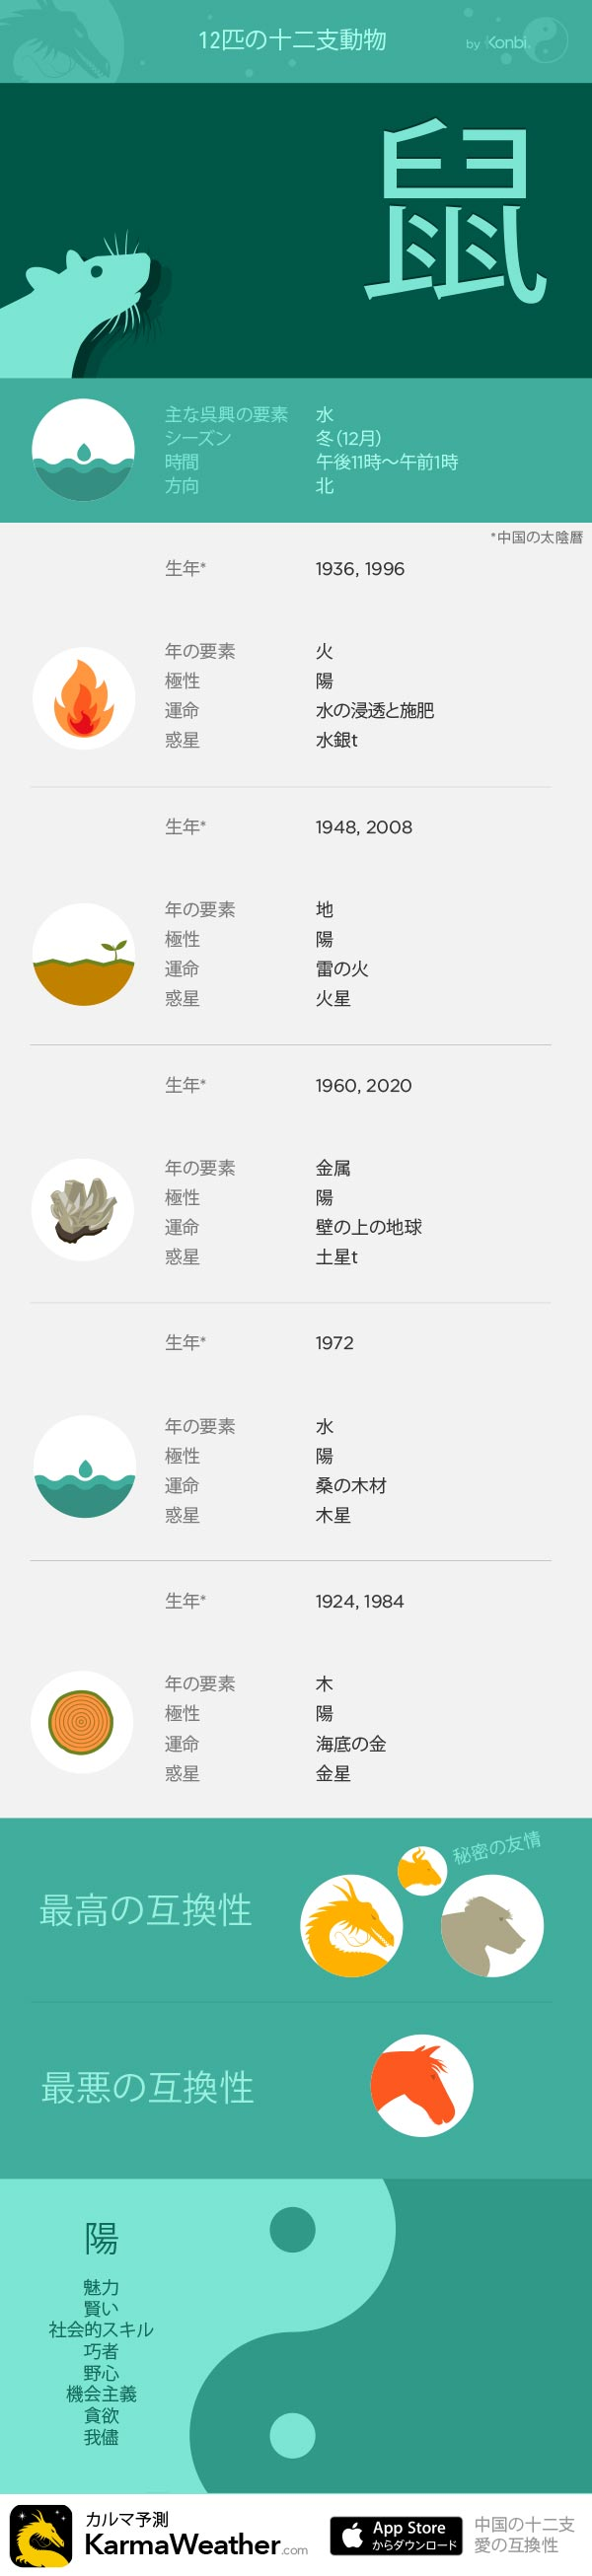 鼠  - KarmaWeatherによる12の十二支の看板、 無料の中国占星術iPhoneアプリ